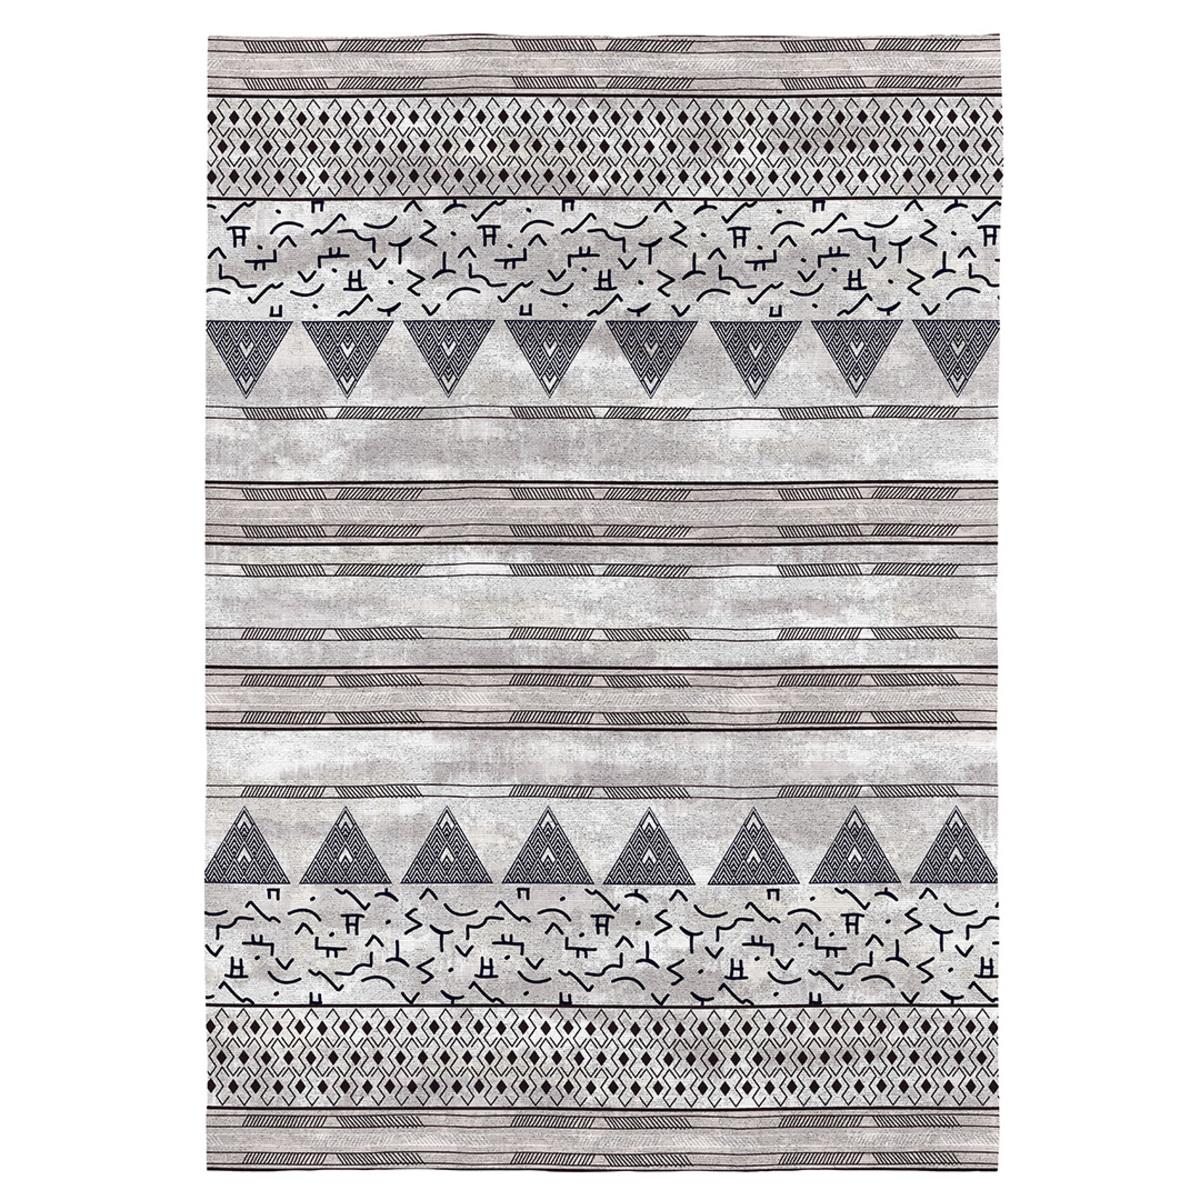 EVEREST - Tapis décoratif en coton en impression numérique 80x150